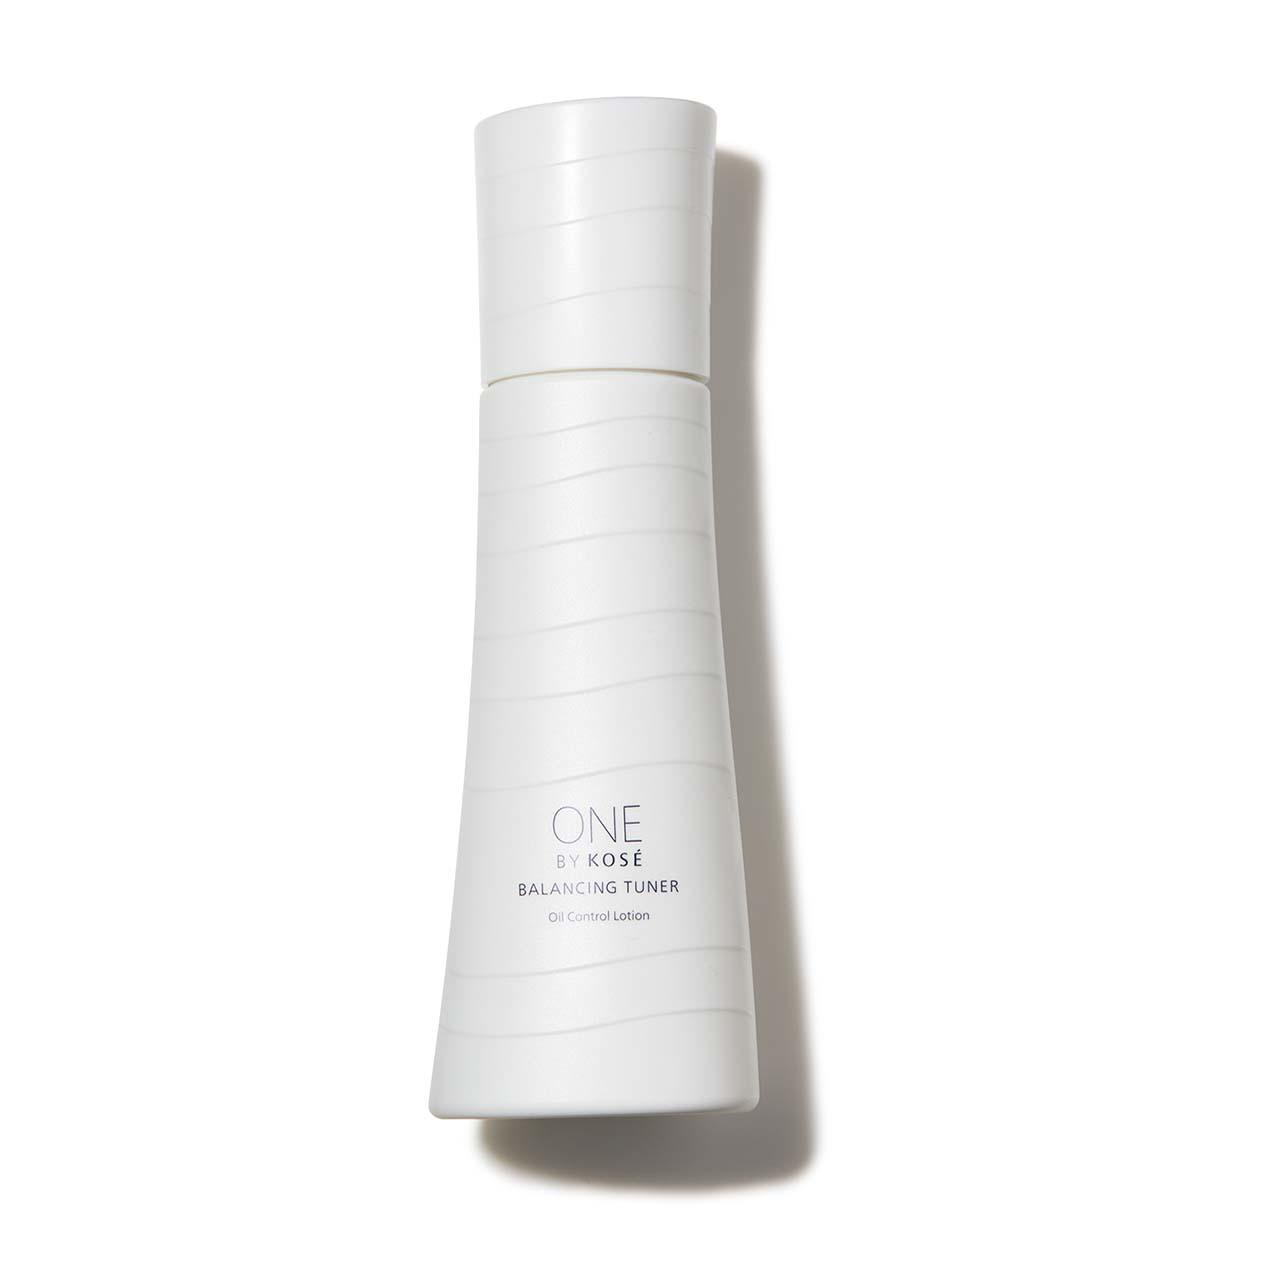 ONE BY KOSÉ バランシング チューナー(医薬部外品)120㎖¥4,500(編集部調べ)/コーセー